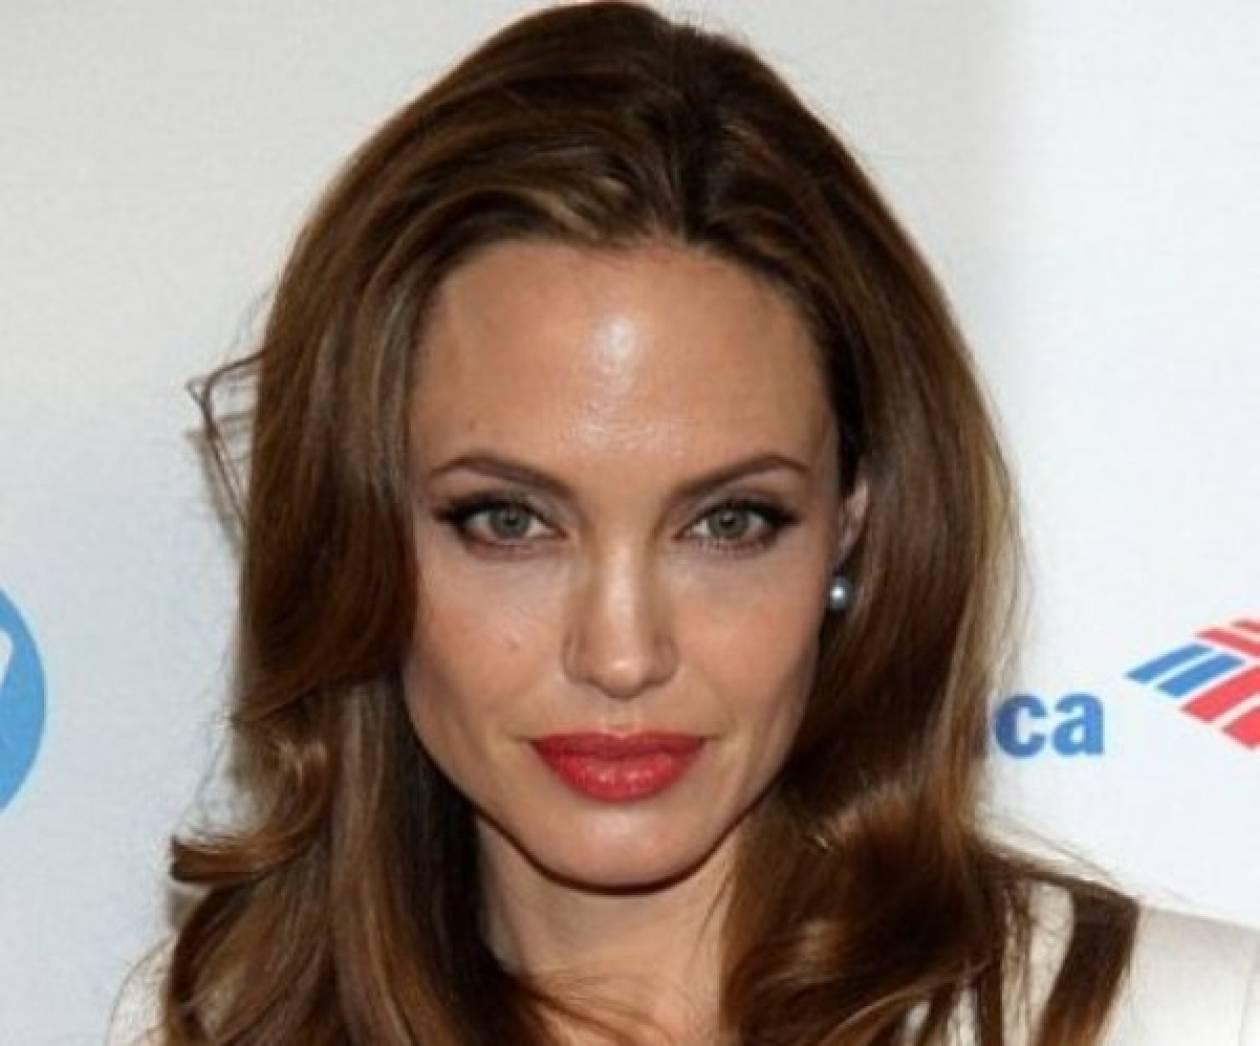 Αngelina Jolie: Κάνει πλαστικές επεμβάσεις για την ημέρα του γάμου της